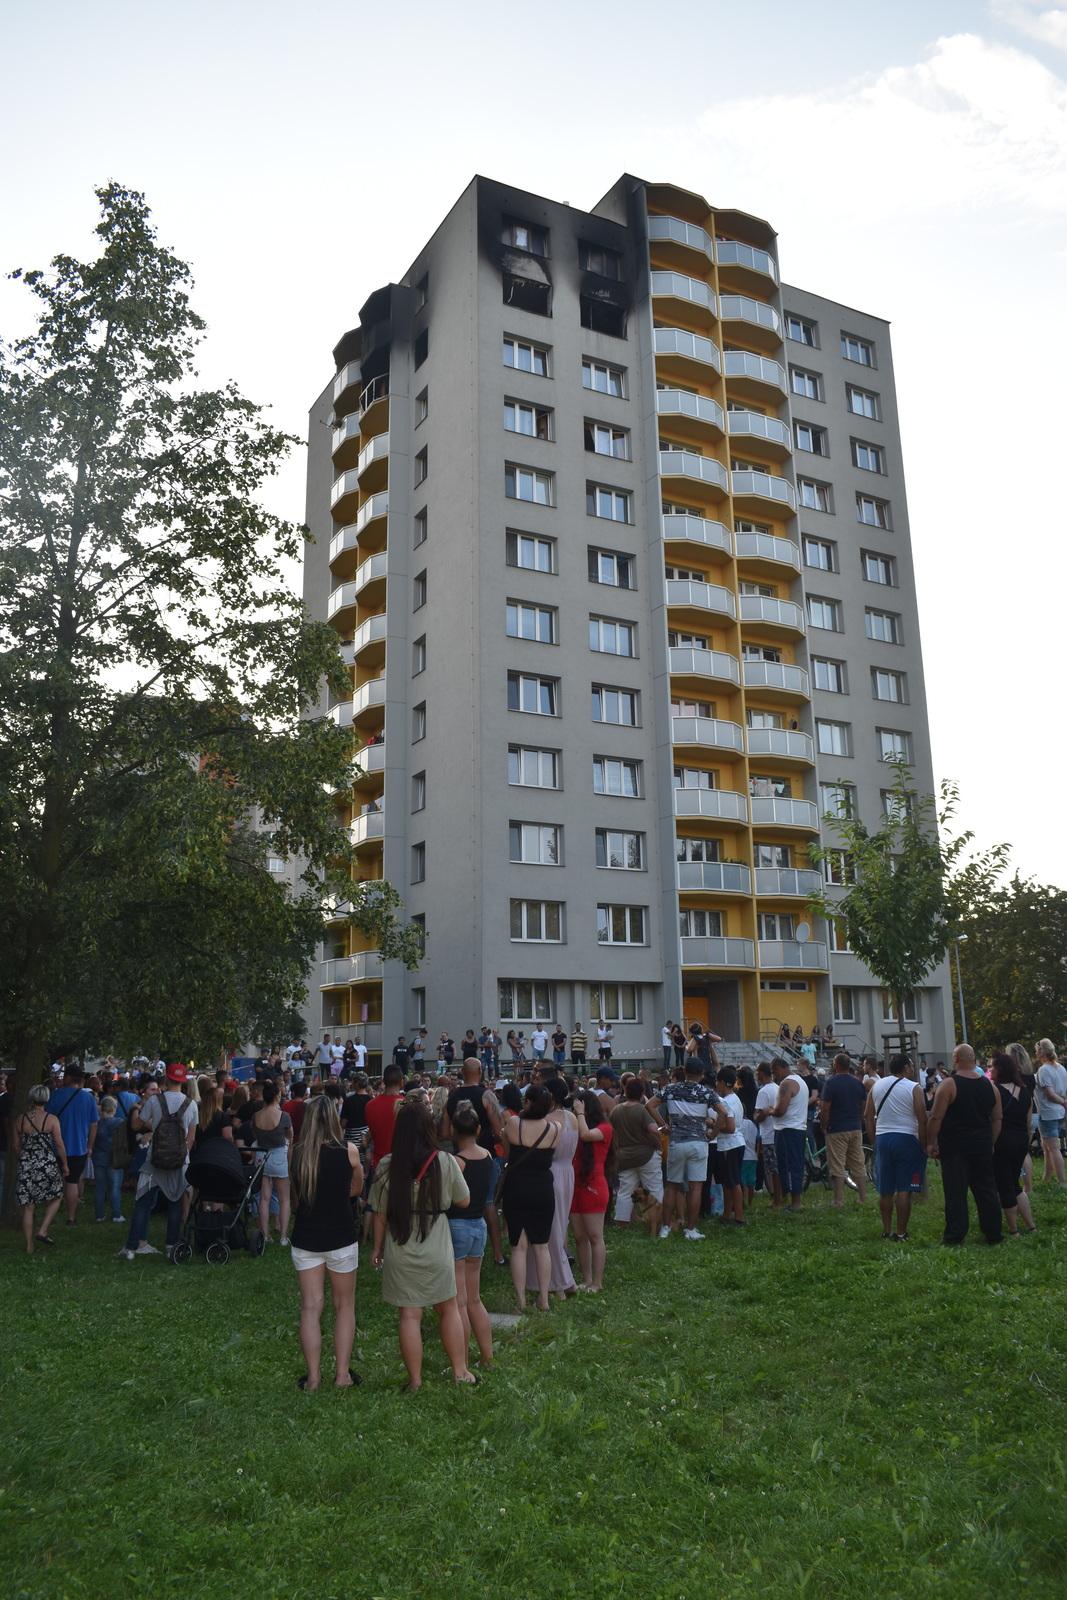 Pieta za oběti žháře Zdeňka K. Ten kvůli rodinným sporům podpálil byt, kde zahynulo 11 lidí.